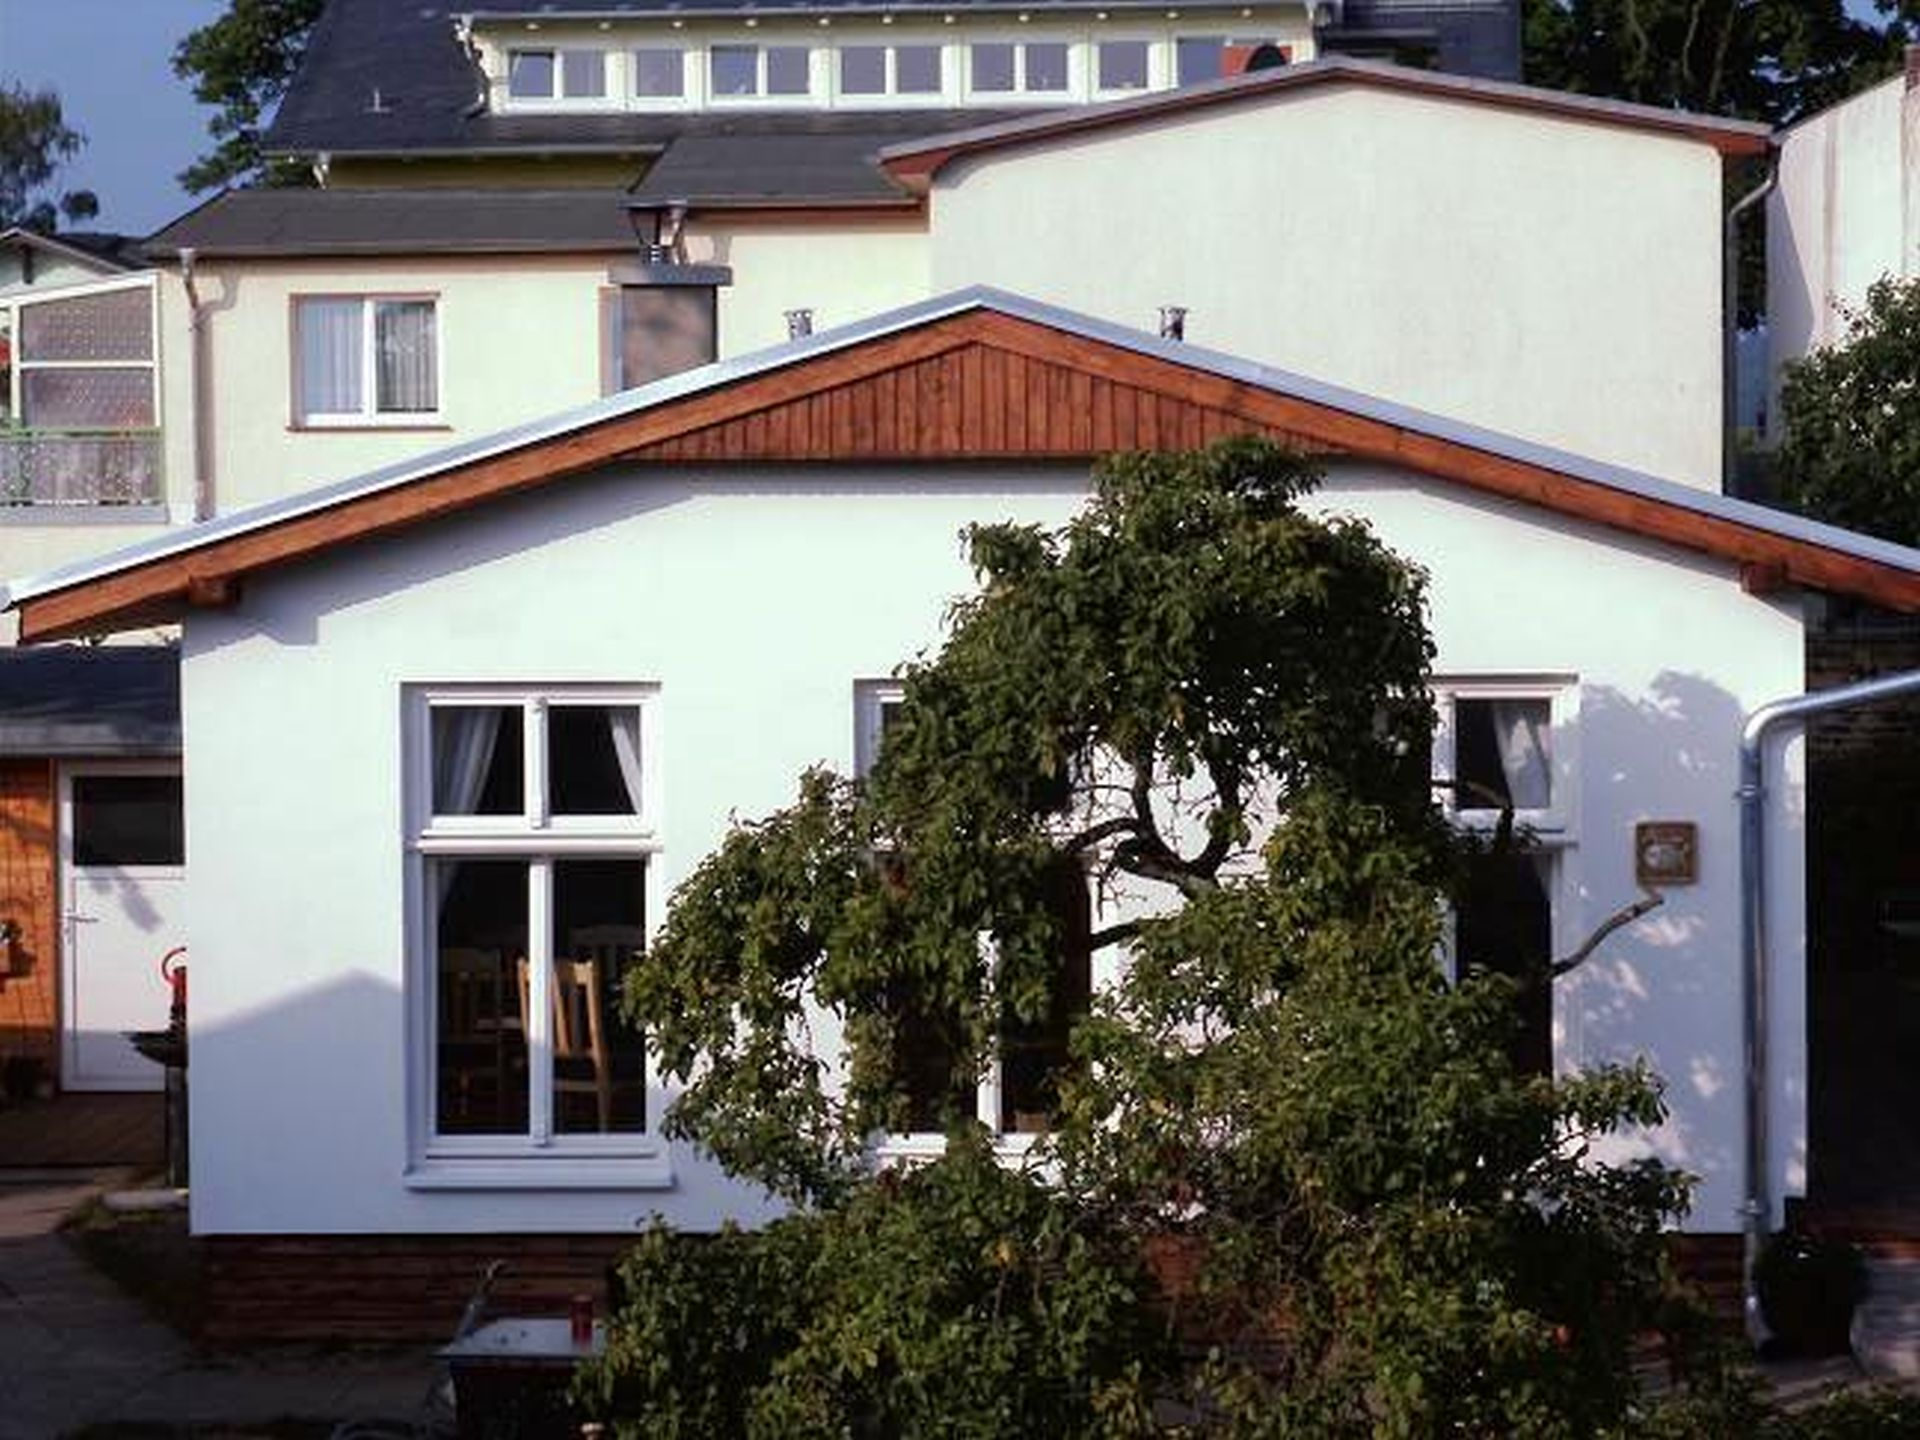 Ferienwohnung, Ferienhaus, Ferienwohnungen, Ferienhäuser, Usedom, Insel, Ahlbeck, Heringsdorf, Bansin, Kaiserbäder, drei